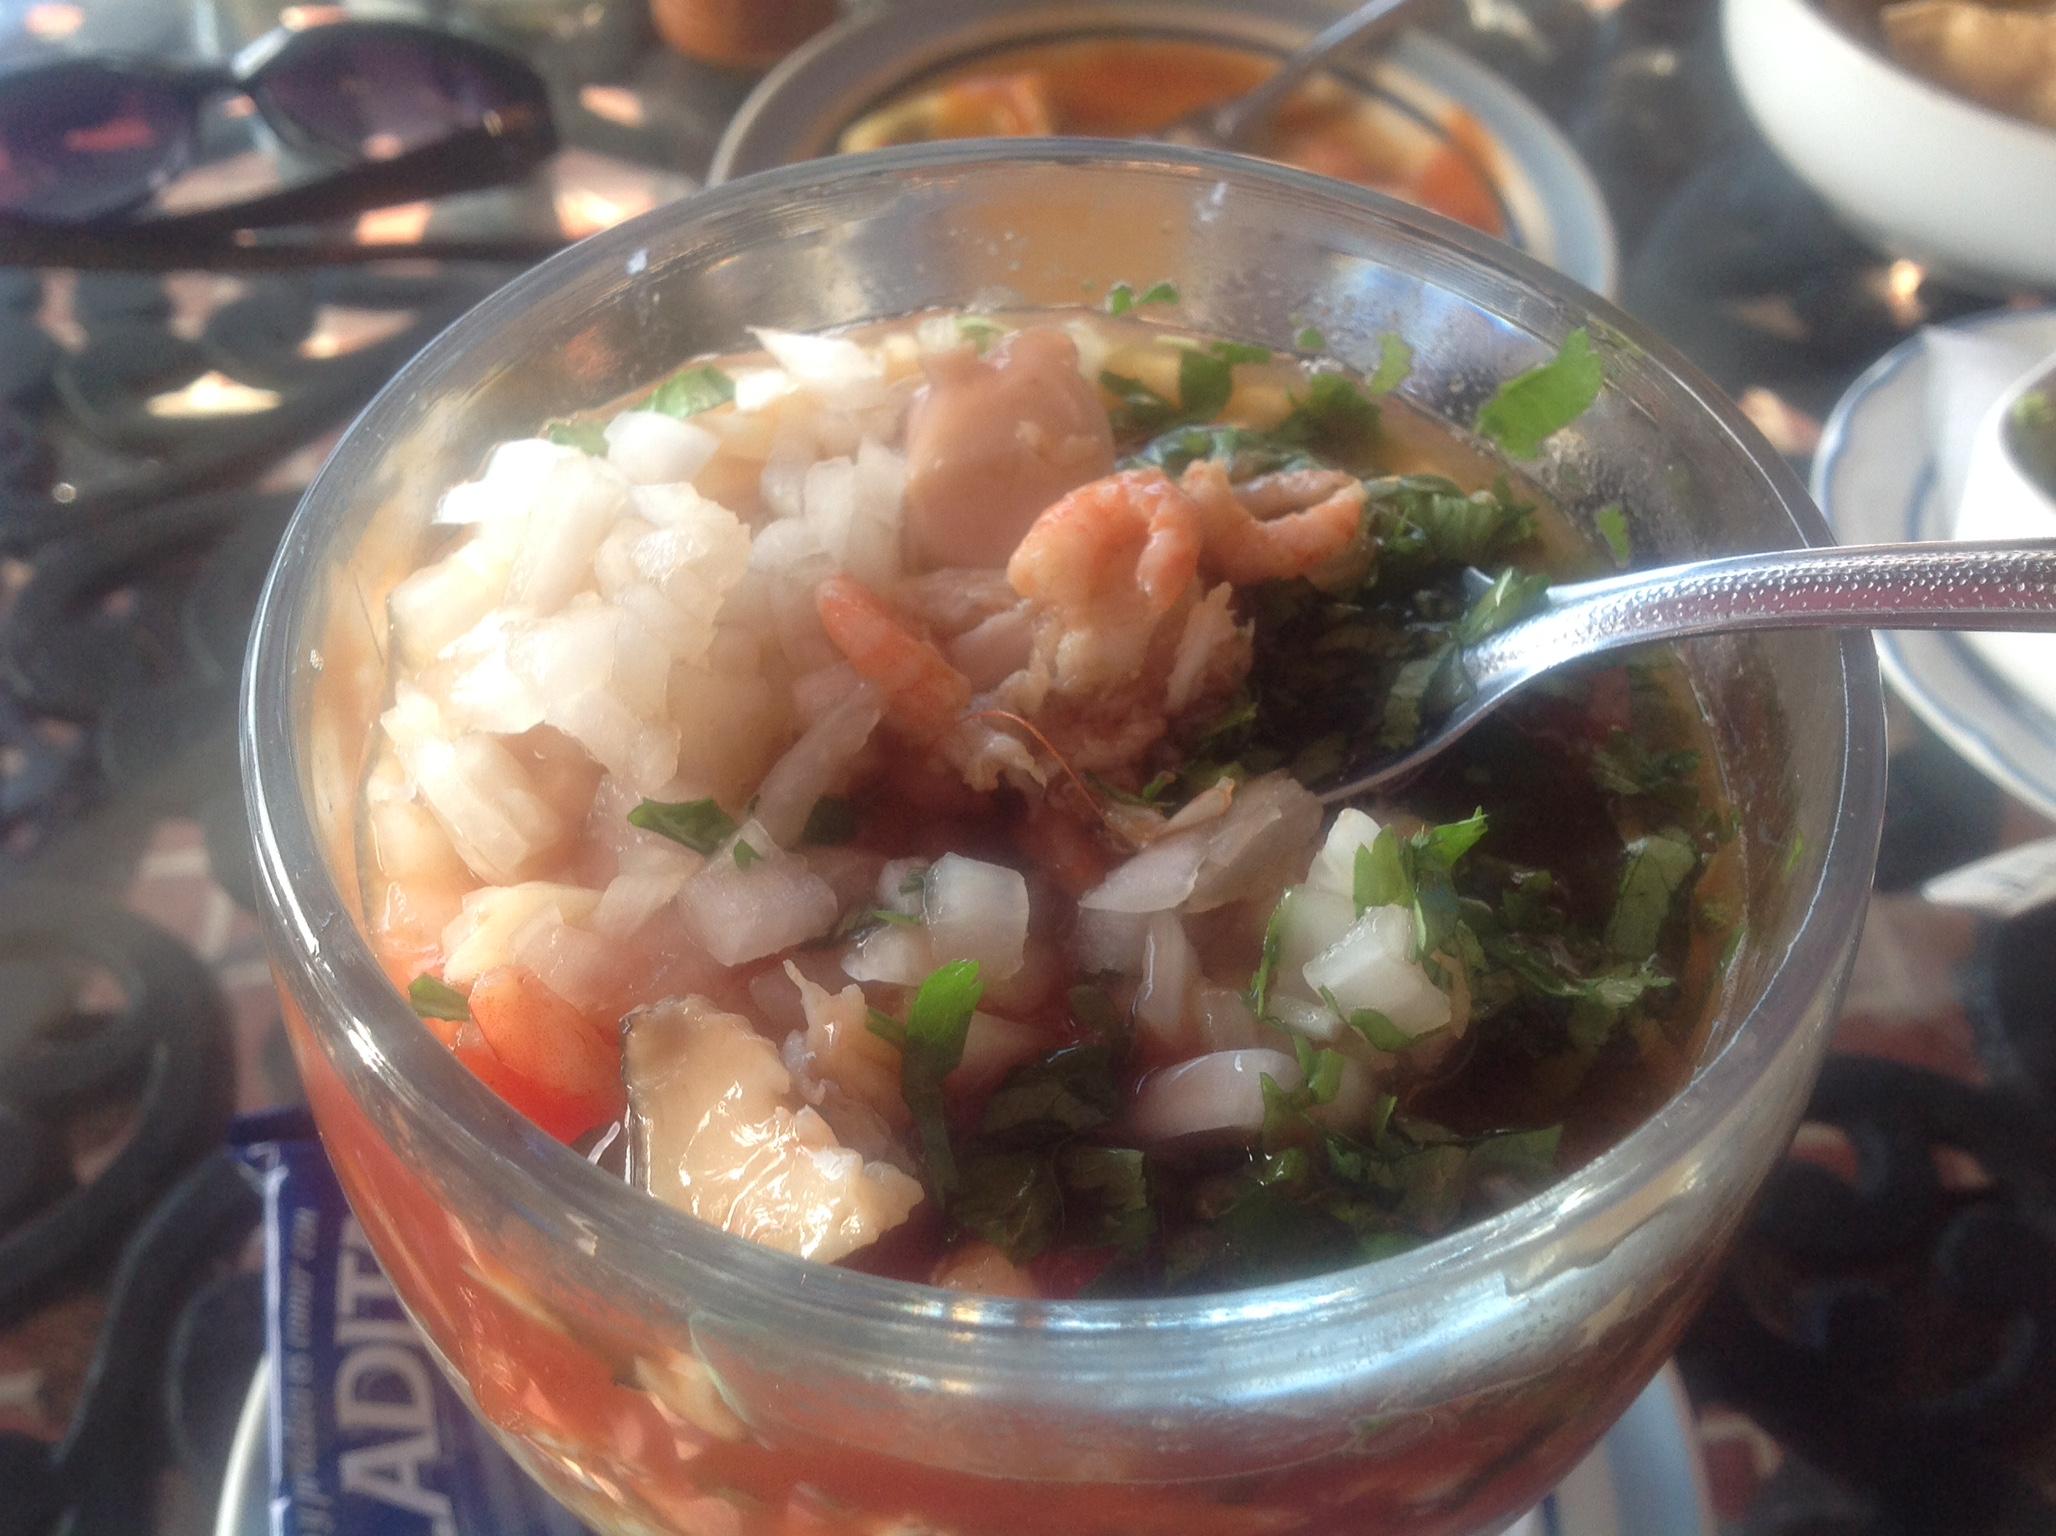 repas aliment souper bouffe mexique